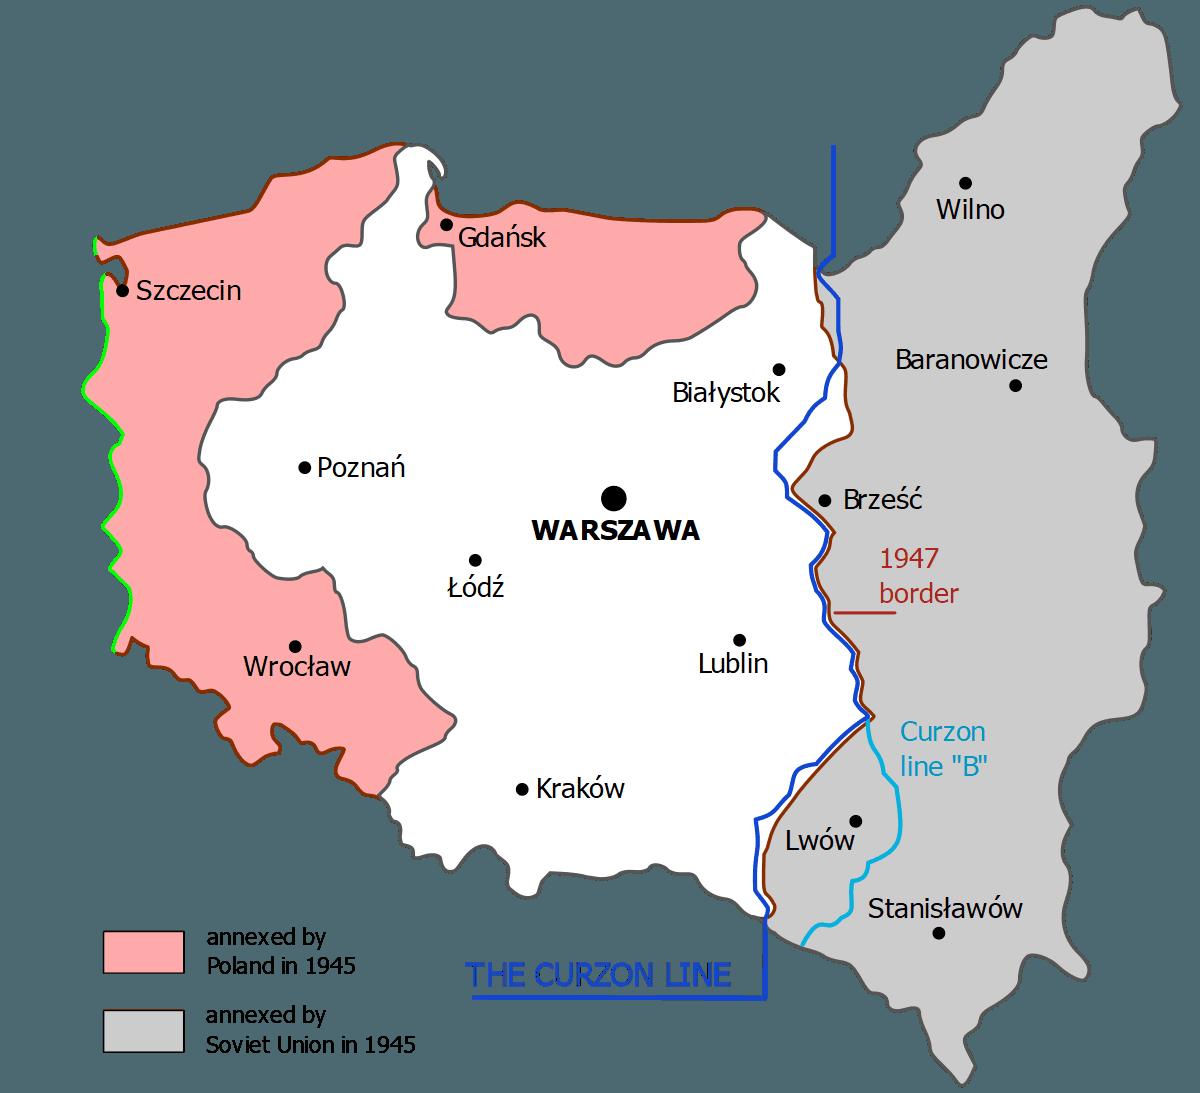 Konturowa mapa Polski z zaznaczonymi granicami współczesnymi oraz sprzed drugiej wojny światowej, z widocznymi obszarami utraconymi i zyskanymi w jej wyniku. Ponadto zaznaczono dwa warianty linii Curzona.